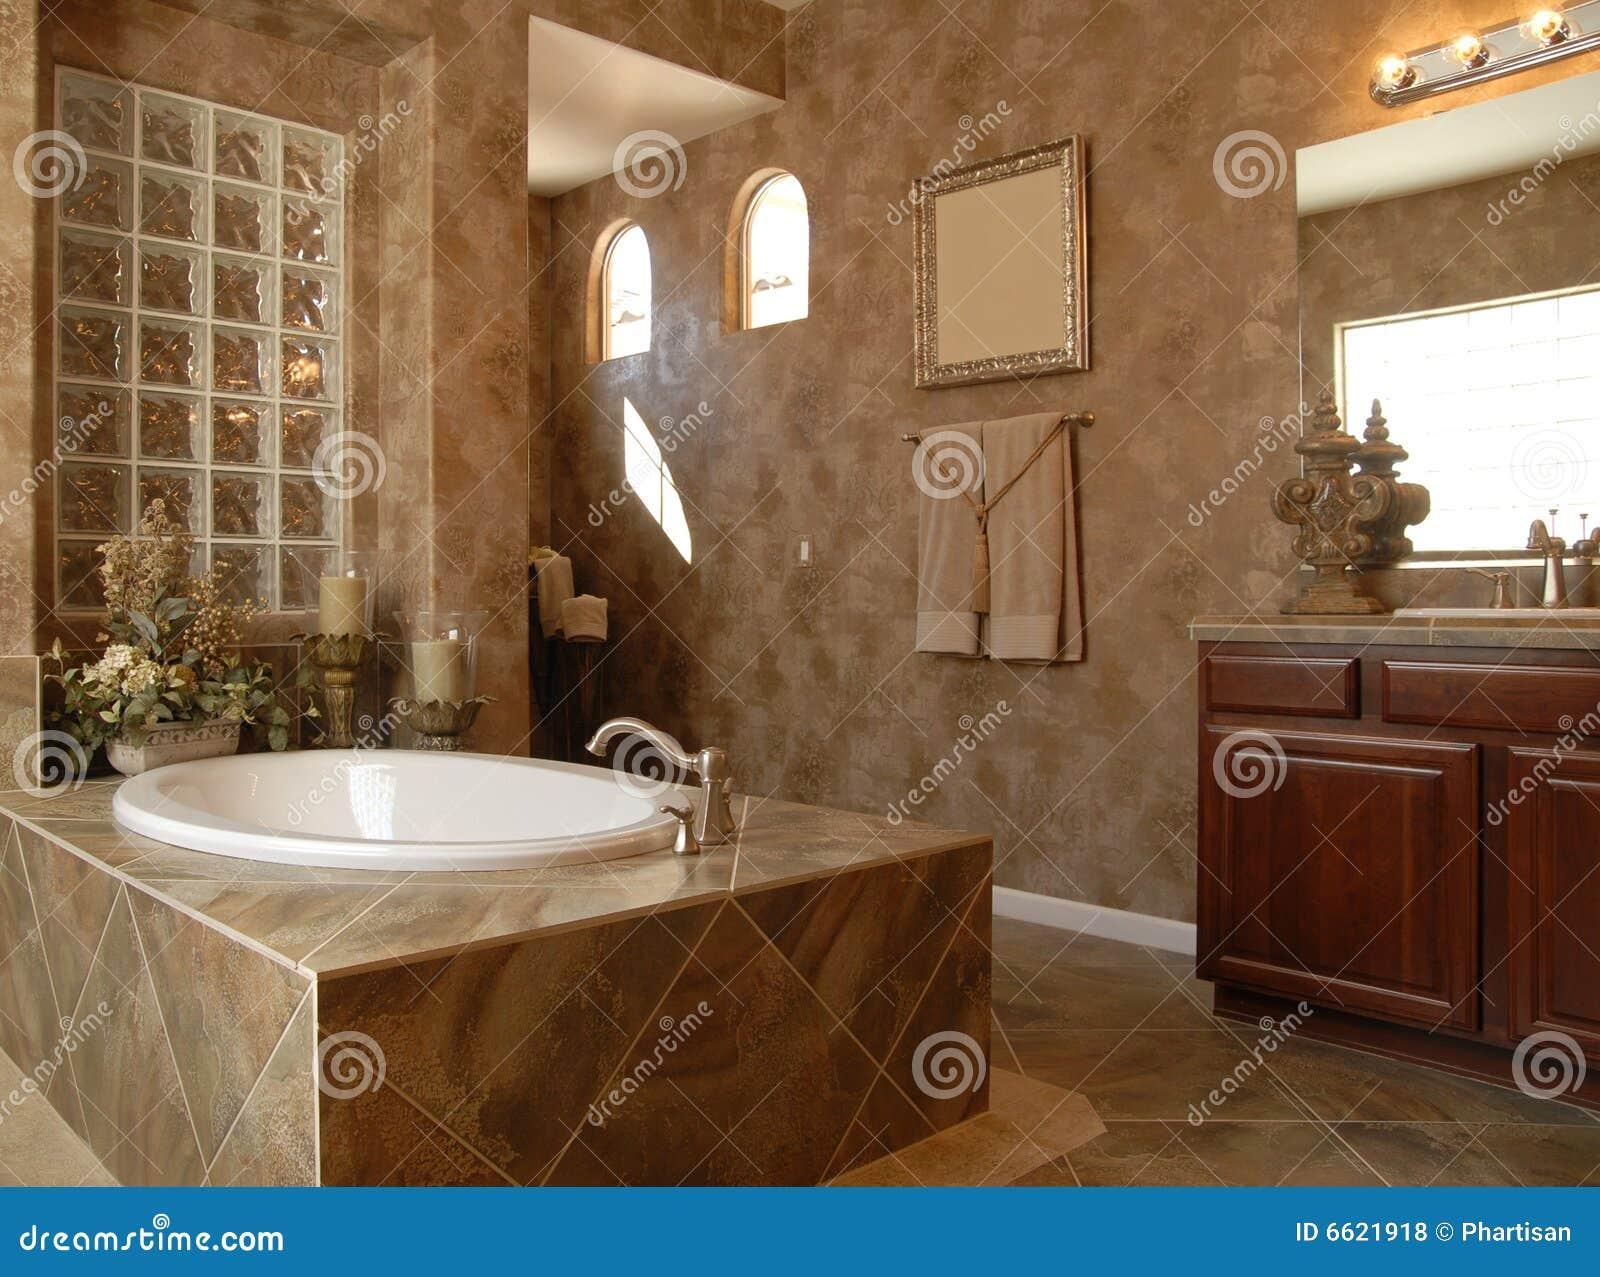 Belle salle de bains de luxe photos libres de droits for Belle salle de bain photo